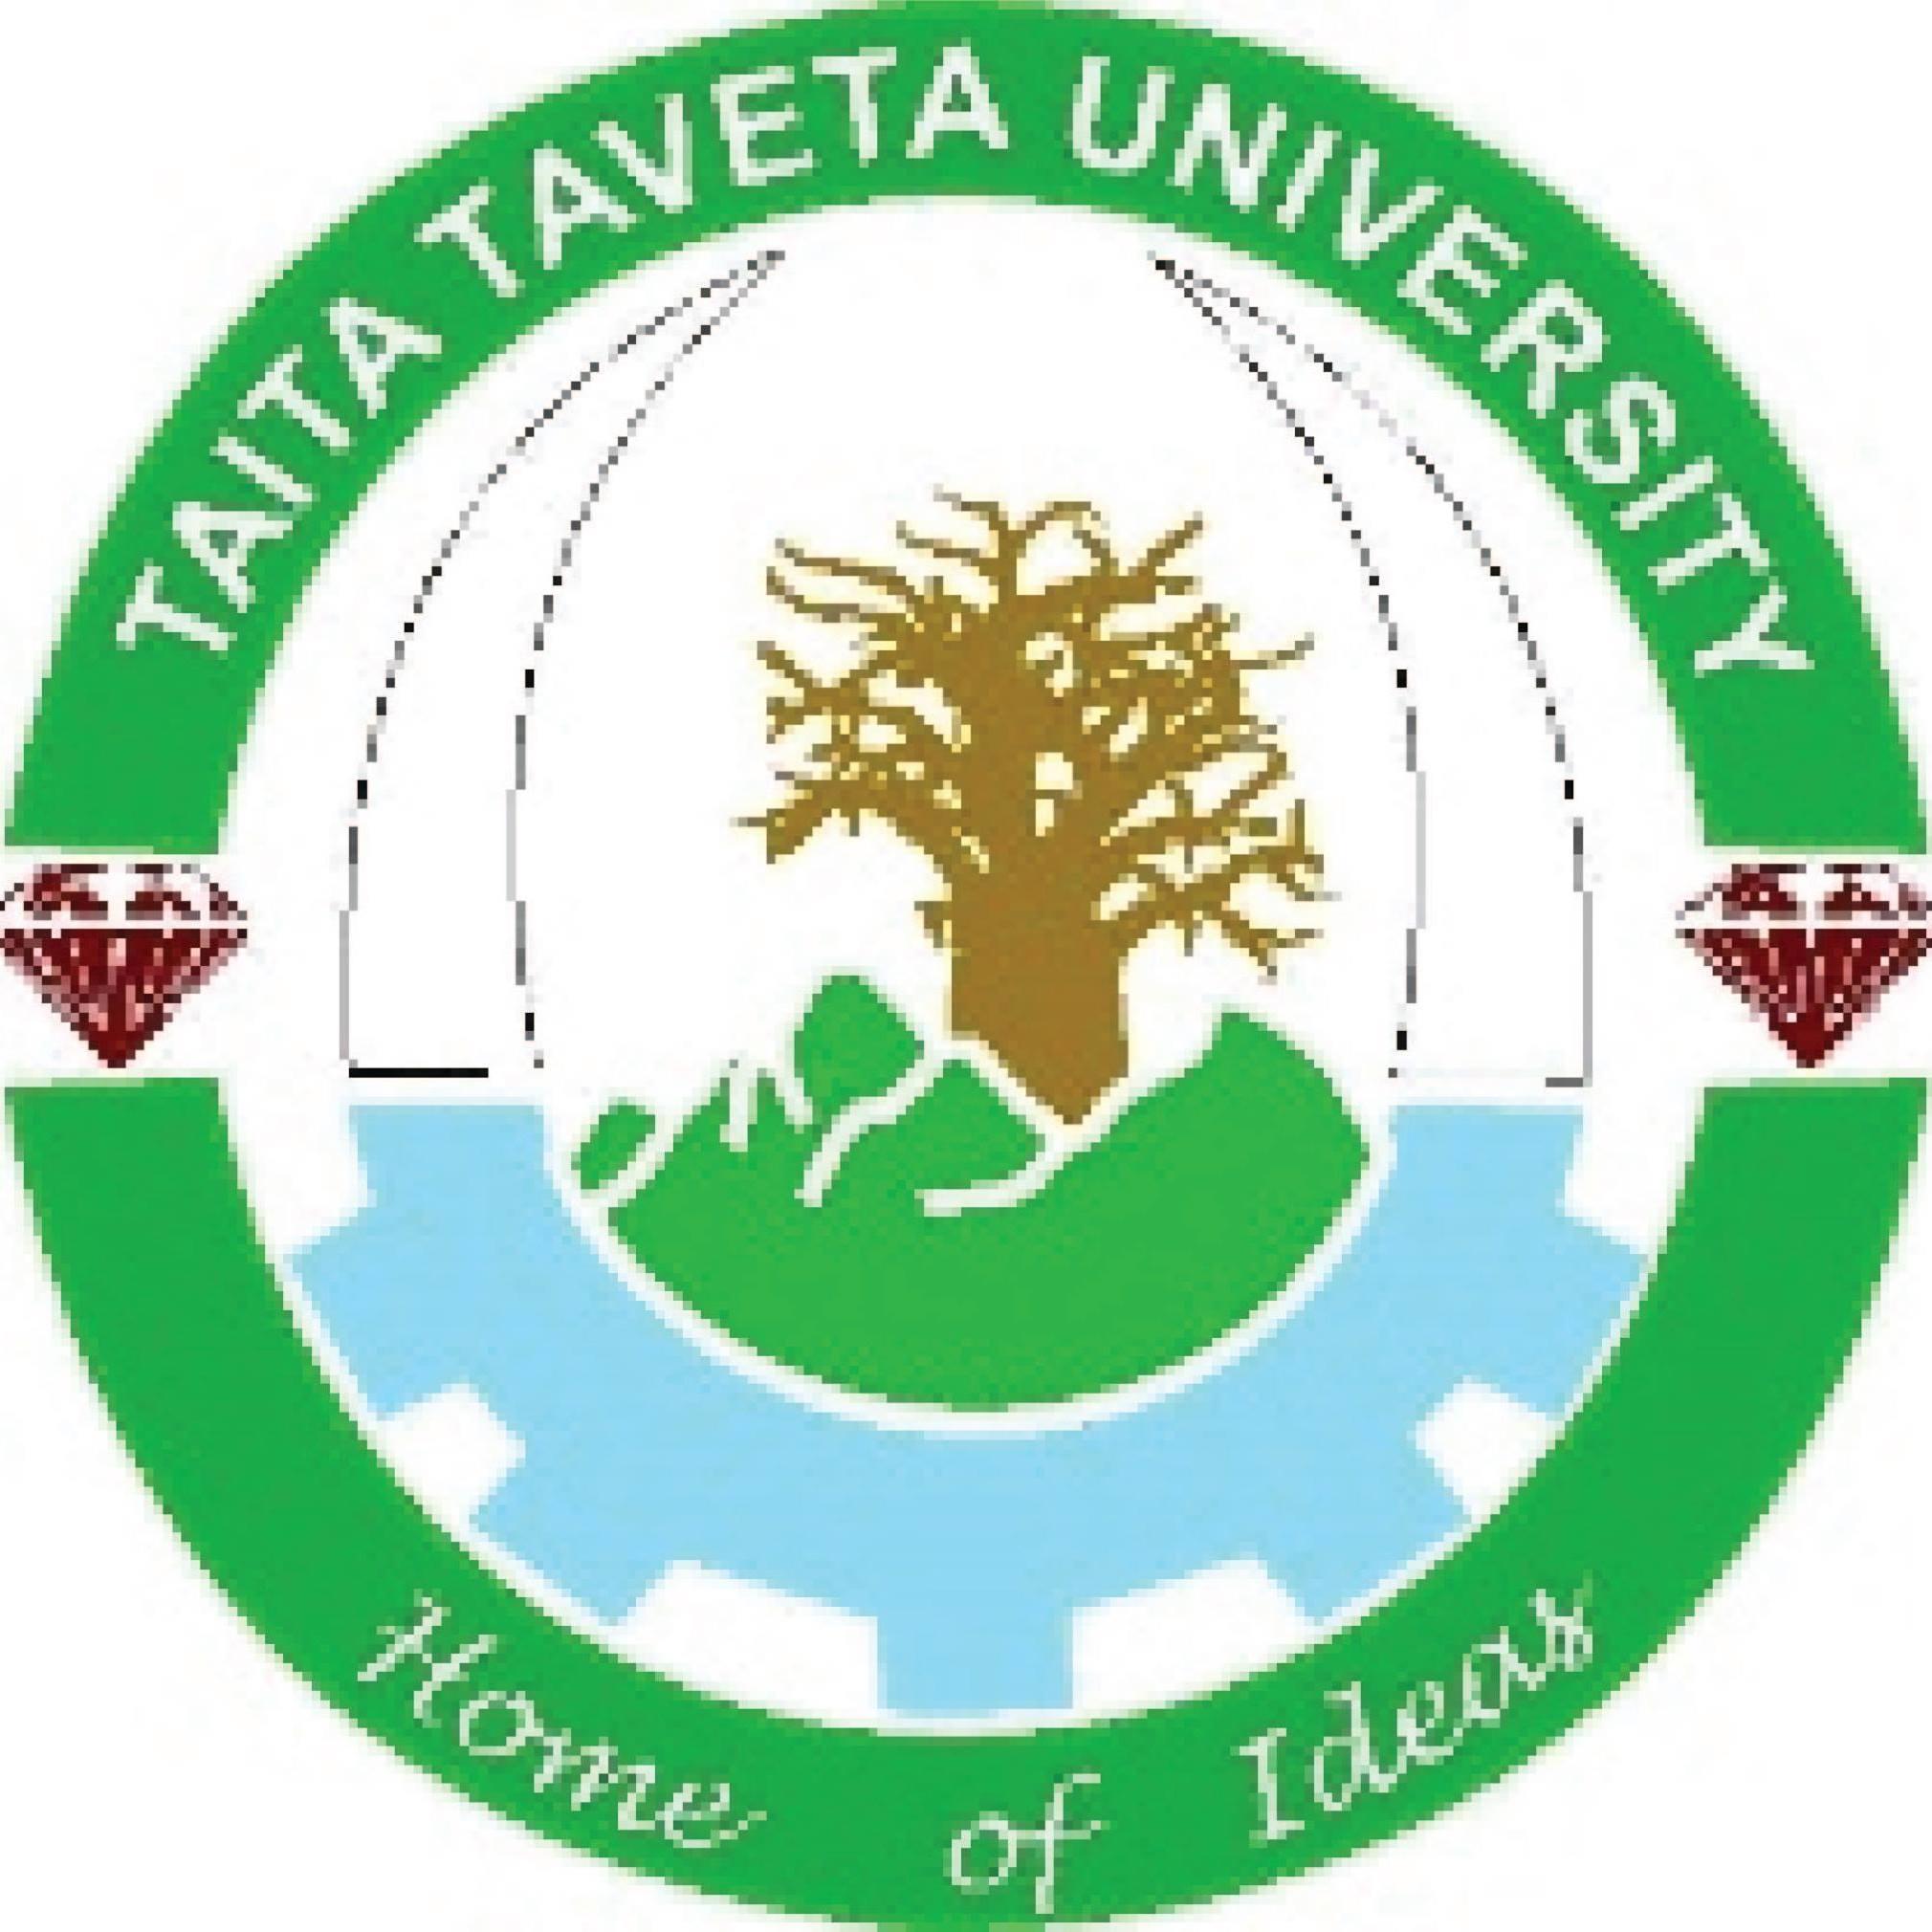 Taita Taveta University